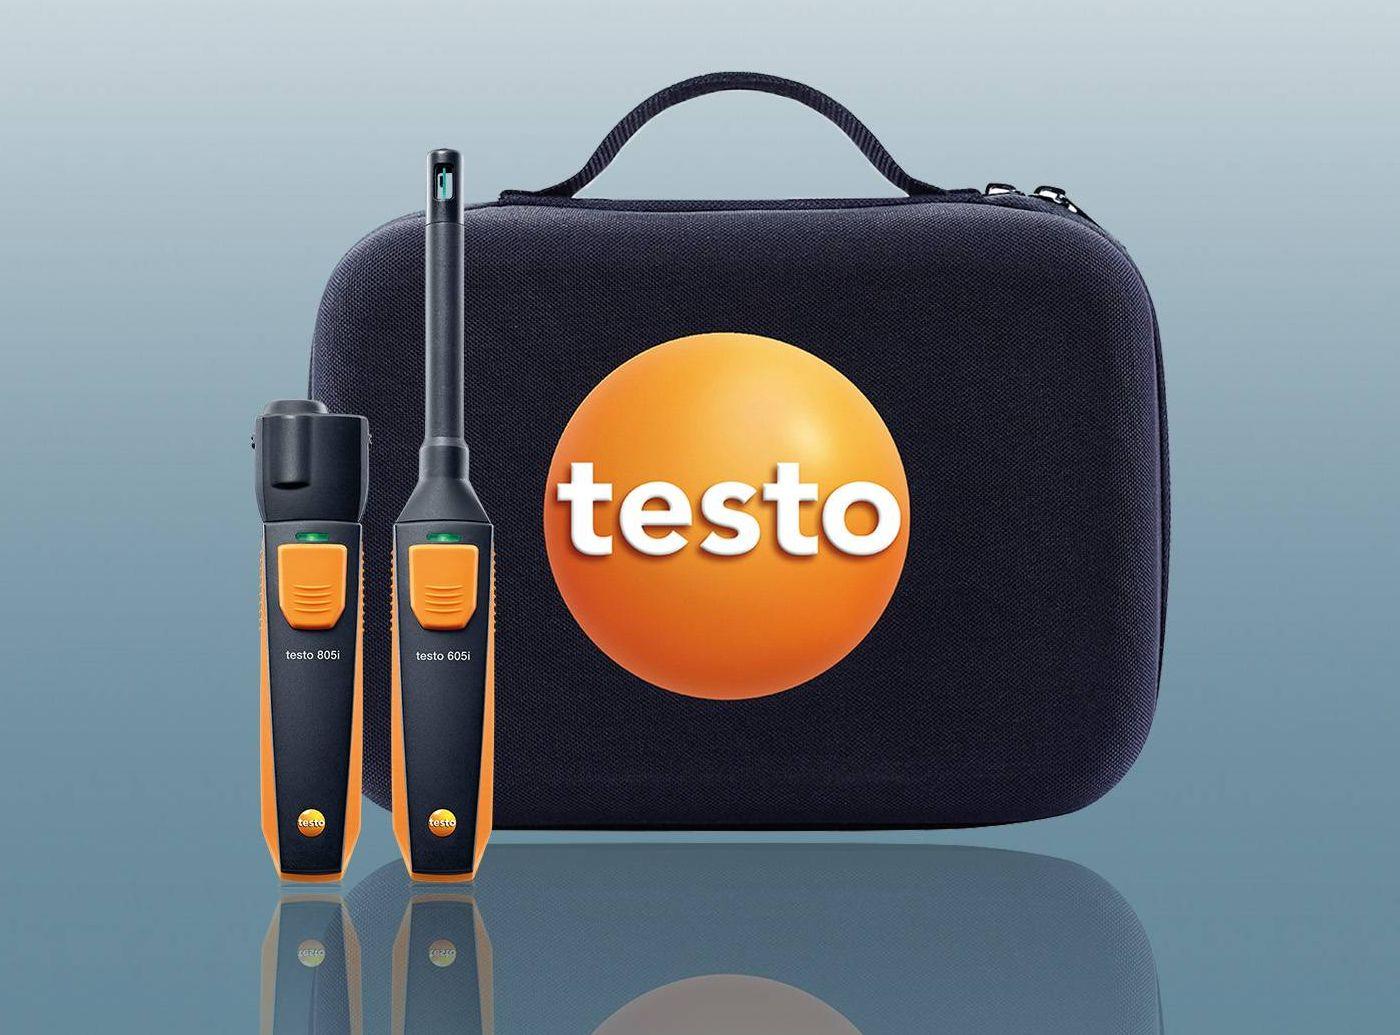 testo Smart Probes Anwendung Schimmeldetektion